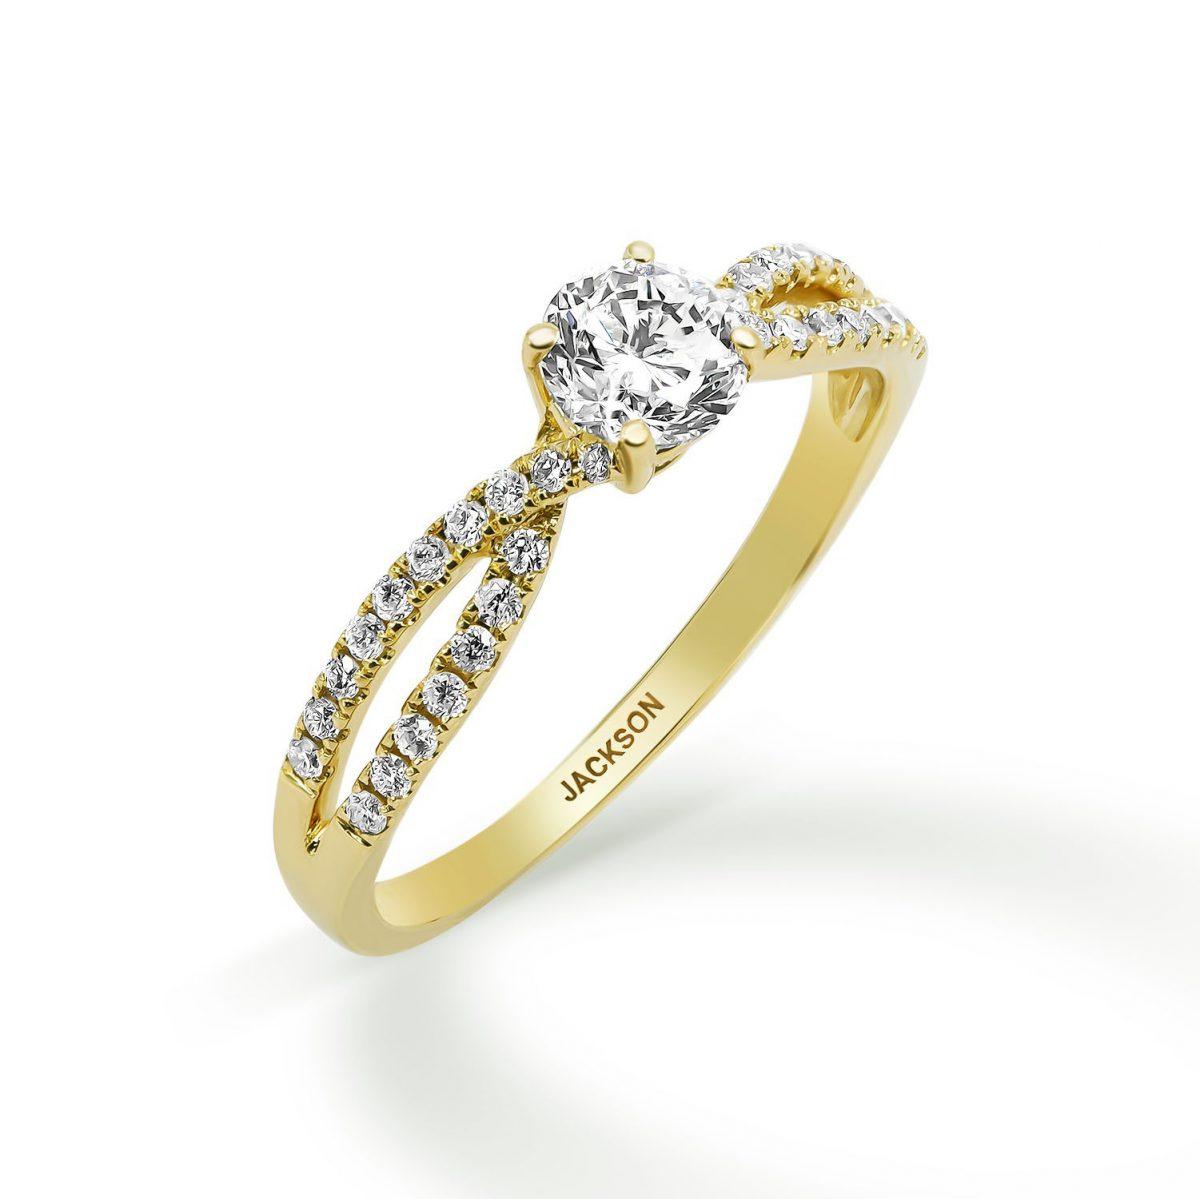 טבעת אירוסין - ולרי - זהב צהוב